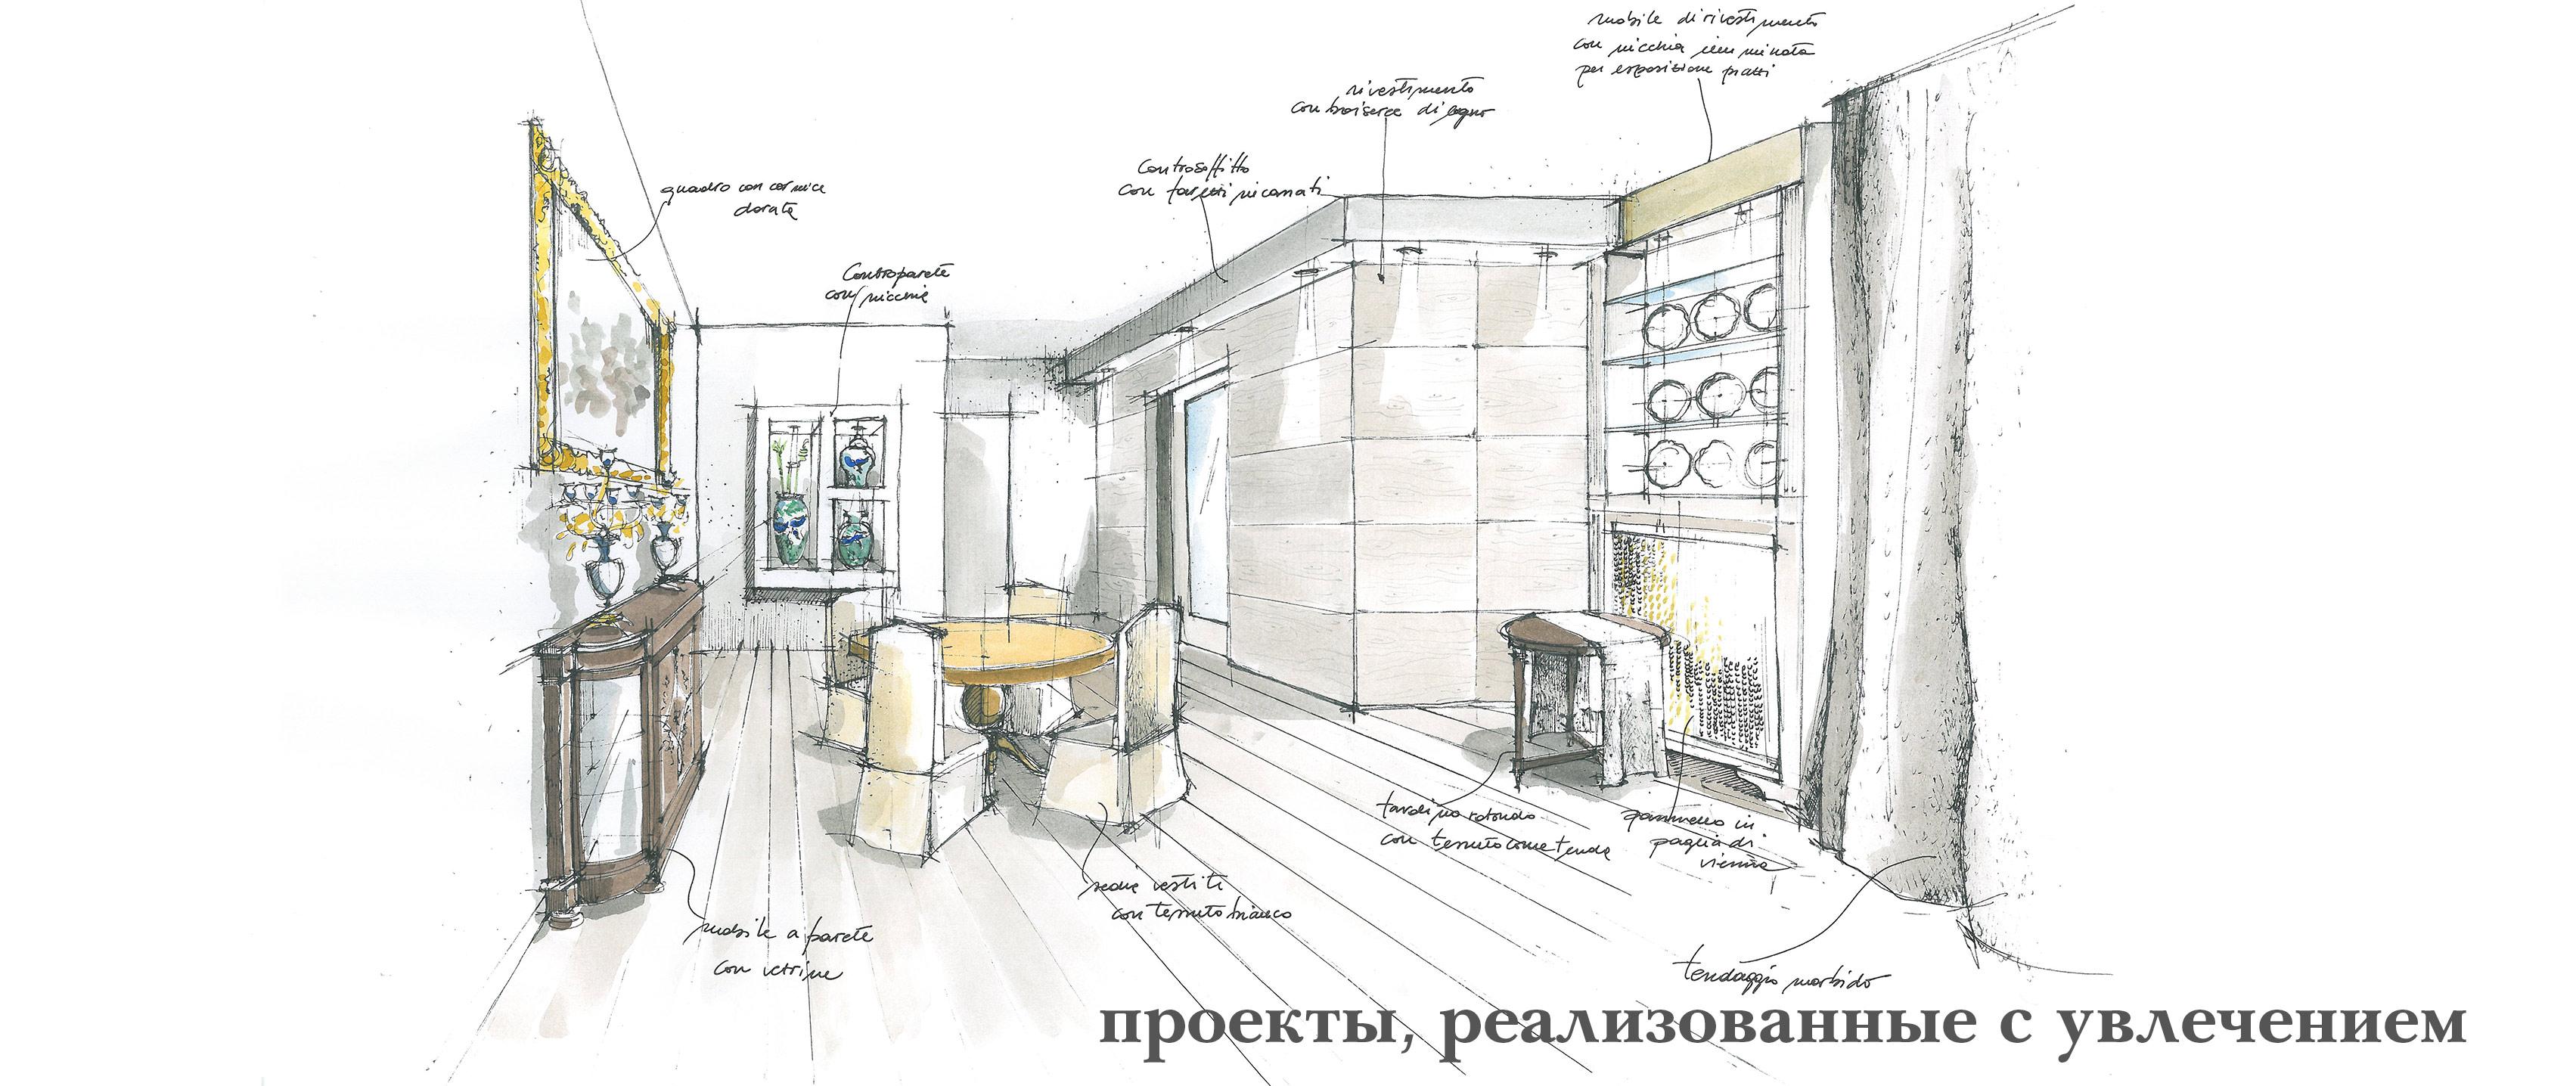 Progettare01RU_pavanetto_titolo